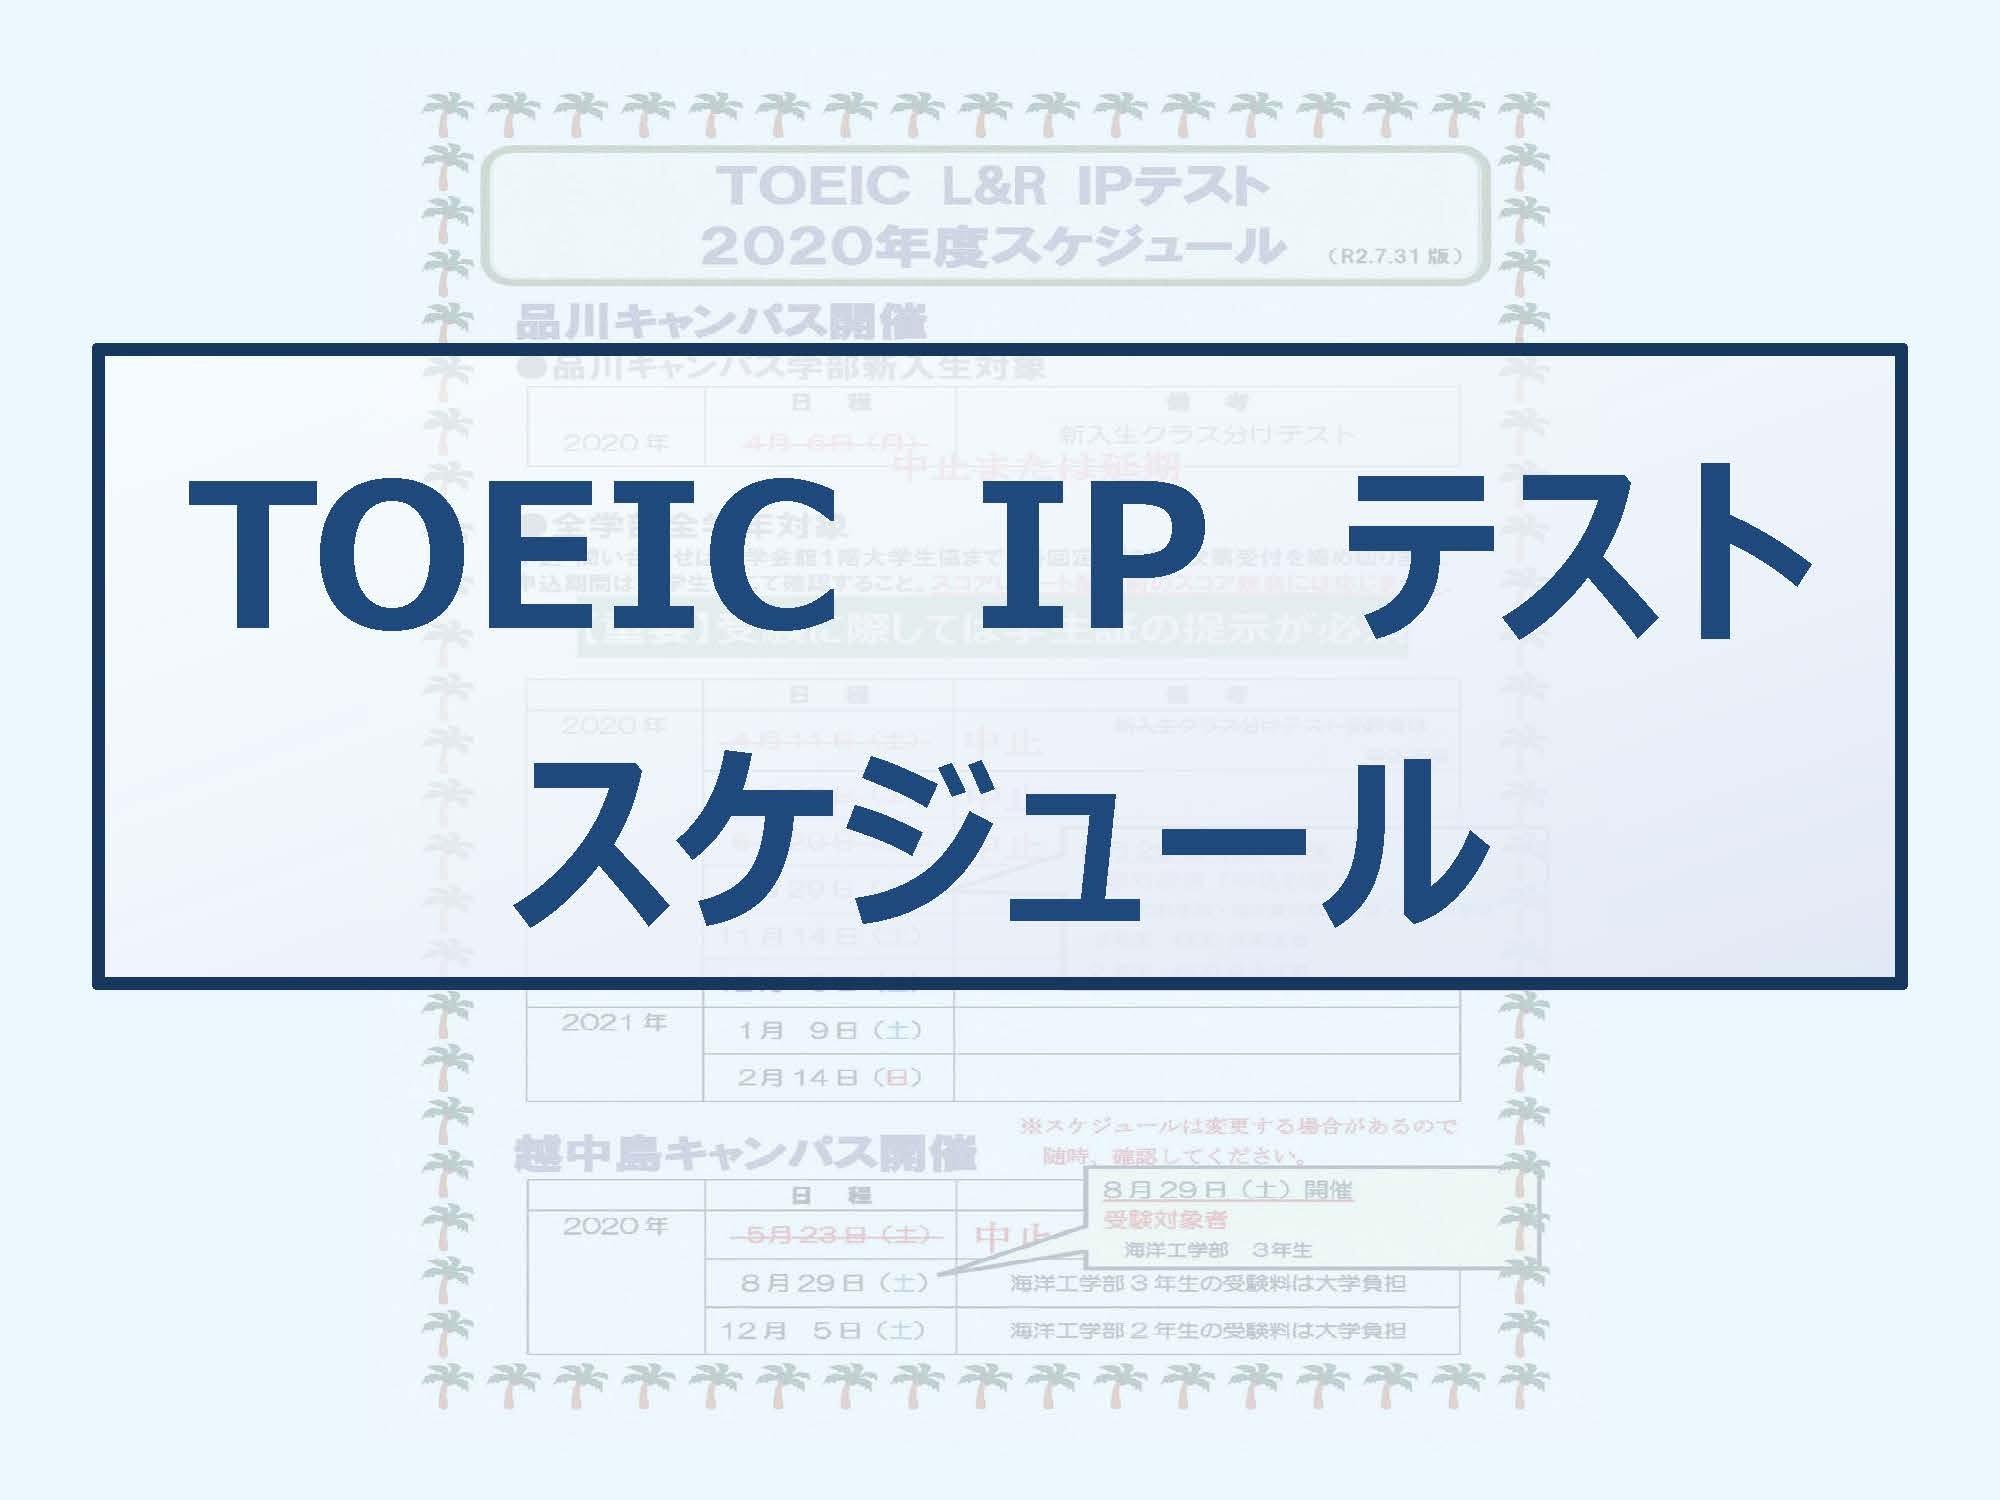 TOEIC IPテストスケジュール(8月29日開催について)